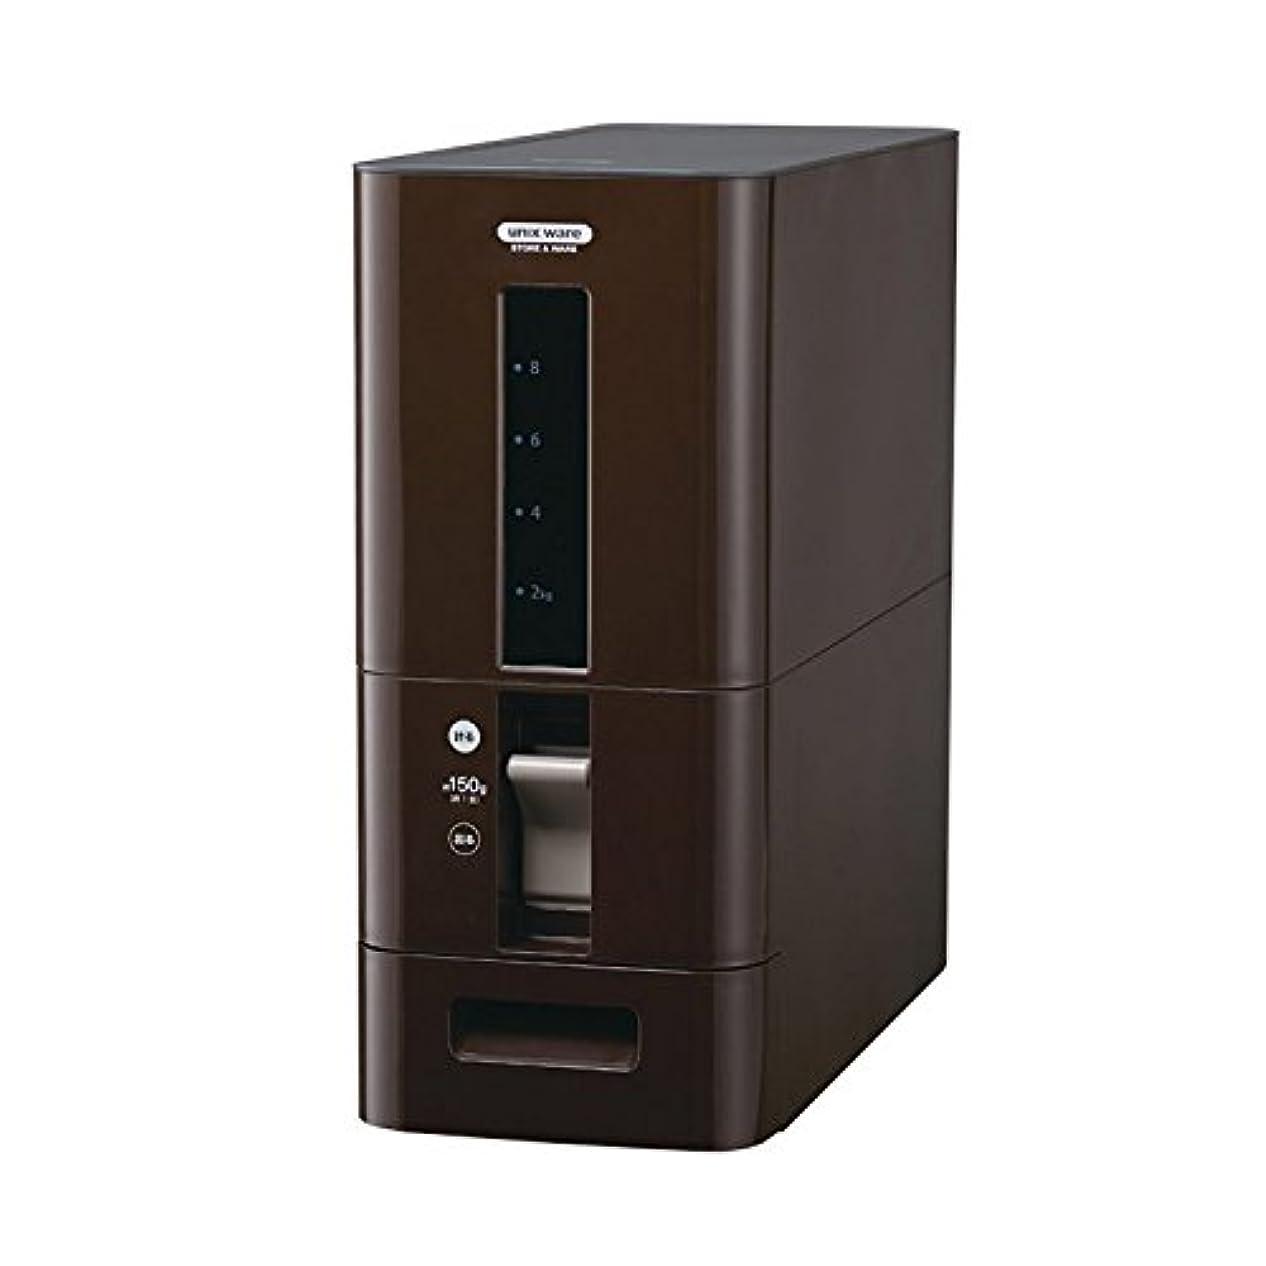 トラフカラスれんがS計量米びつ12kg型 | ライスストッカー 米櫃 ライスボックス こめびつ キッチン収納 保存容器(C023)